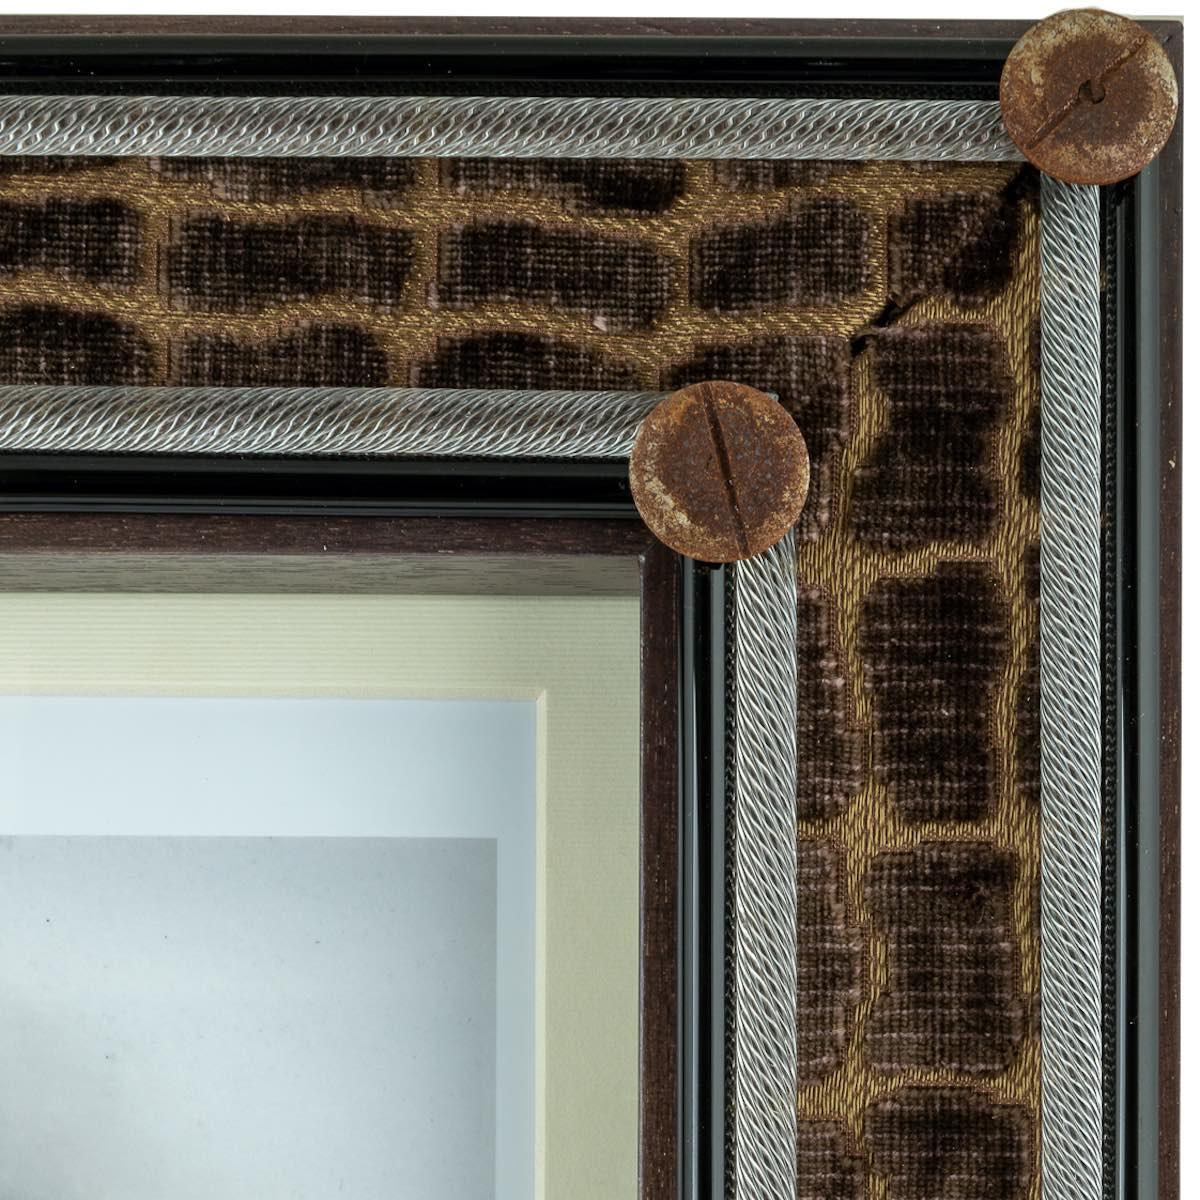 coccodrillo-frame-handmade-artisan-velvet-crocodile-real-luxury